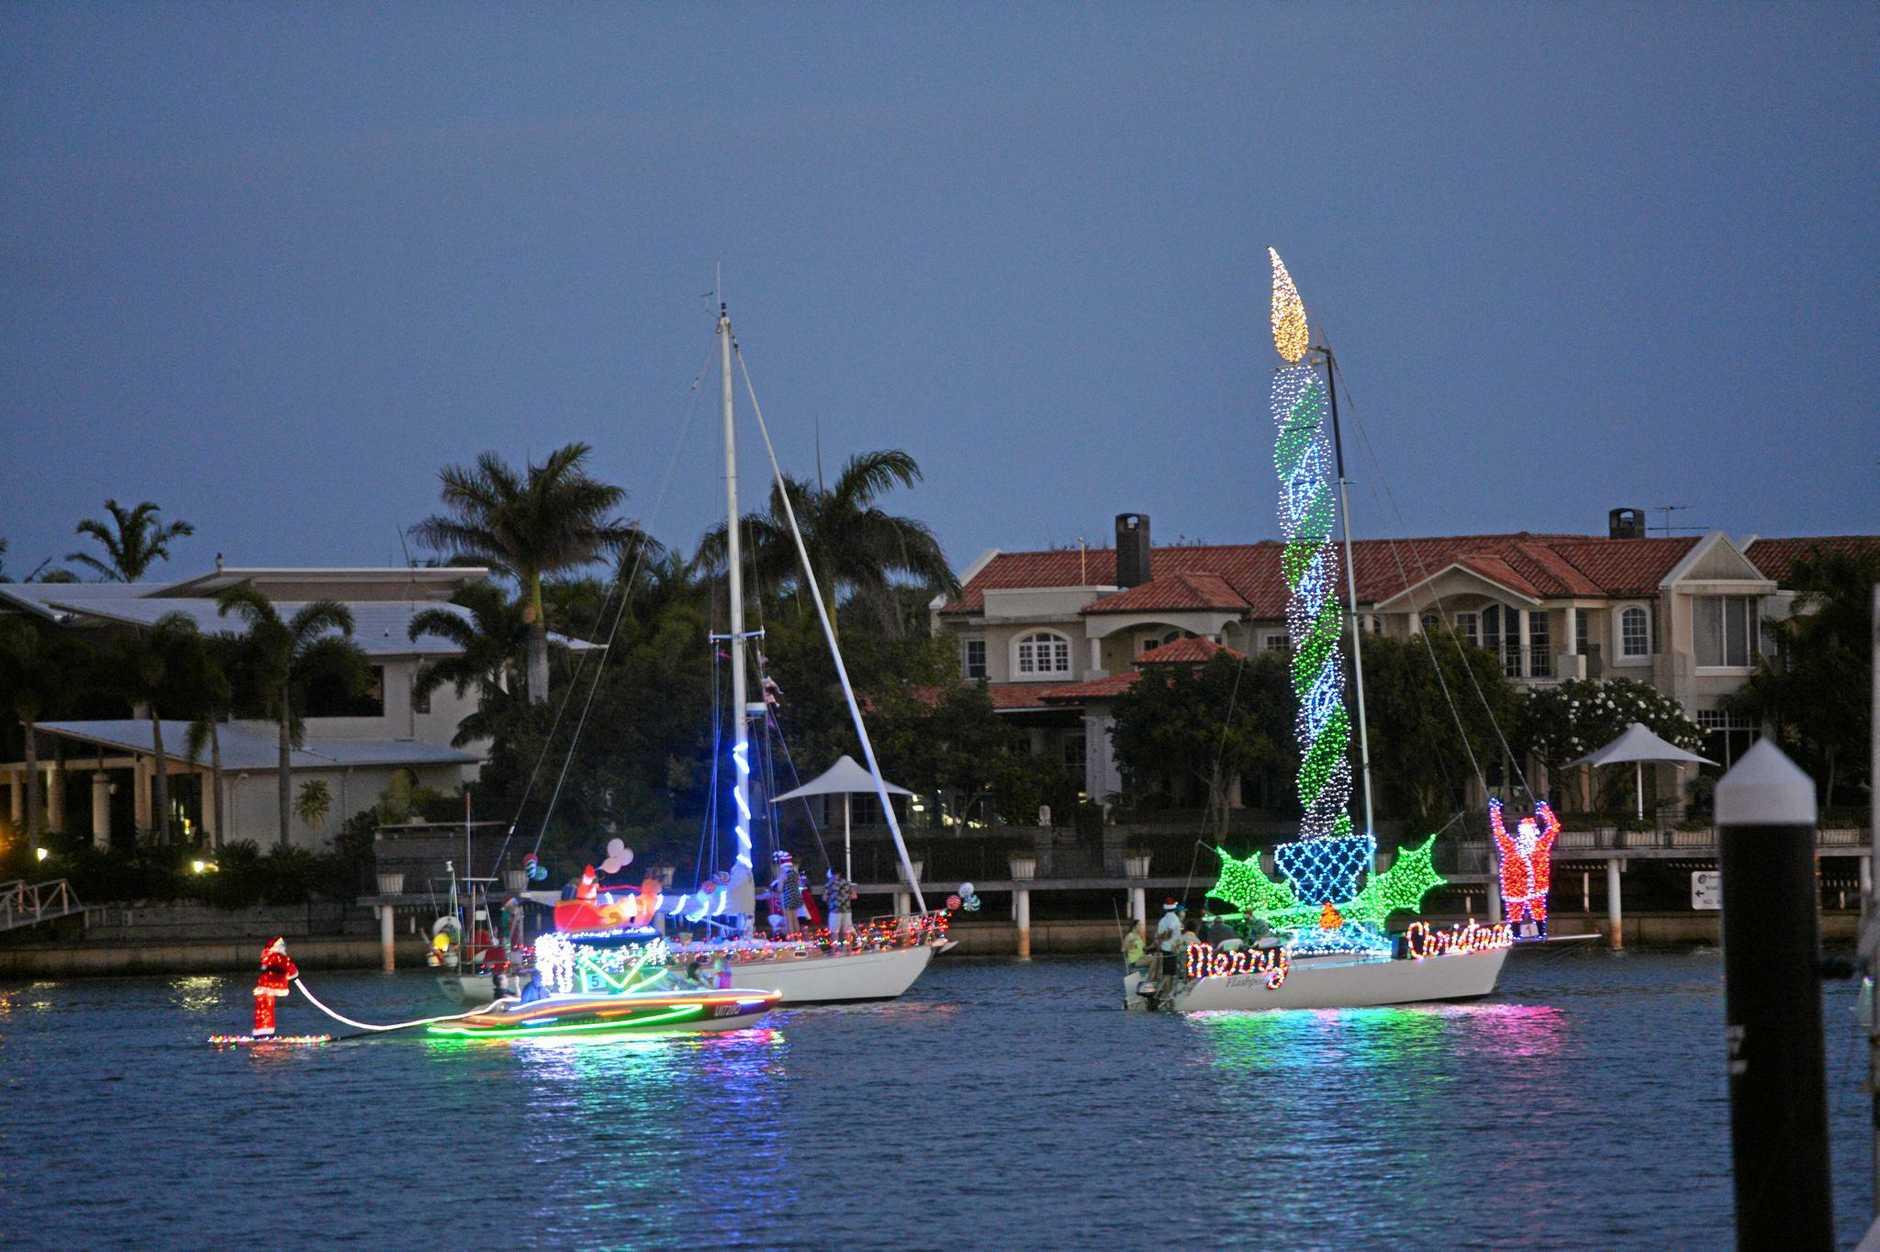 Boats at Mooloolaba for the Christmas boat parade.